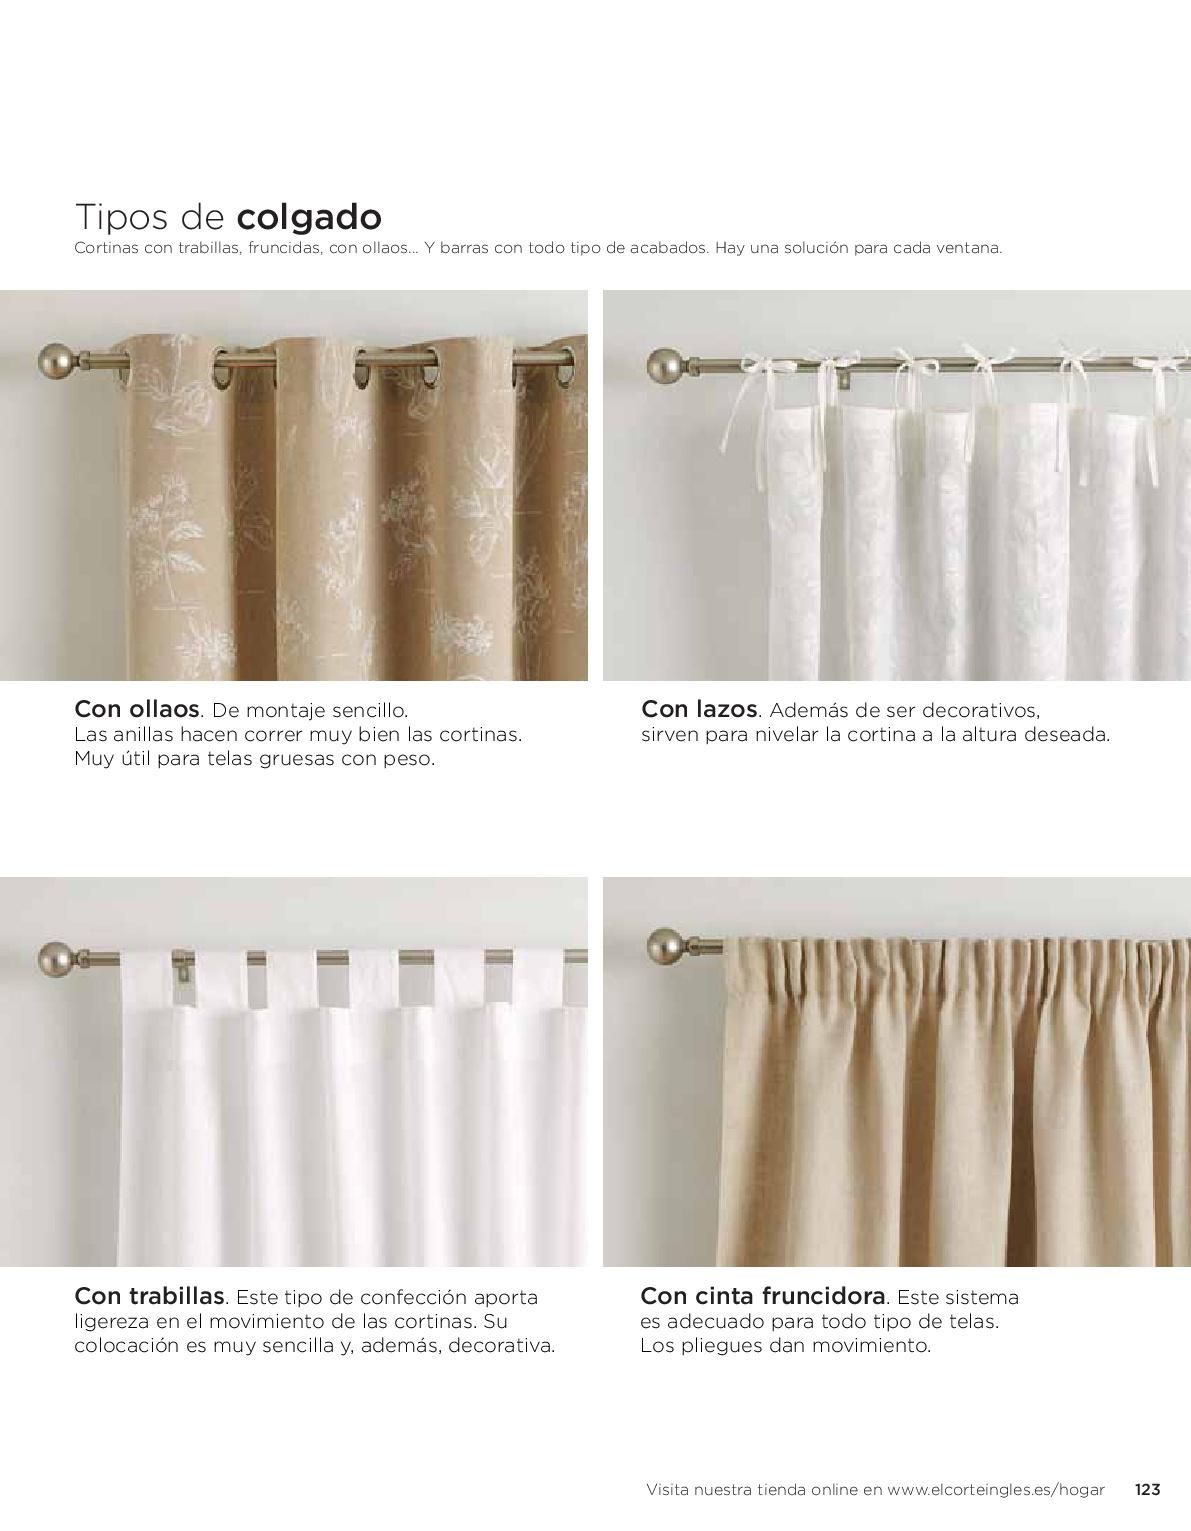 Lazos para cortinas tyrone winchester juego de cortinas - Lazos para cortinas ...